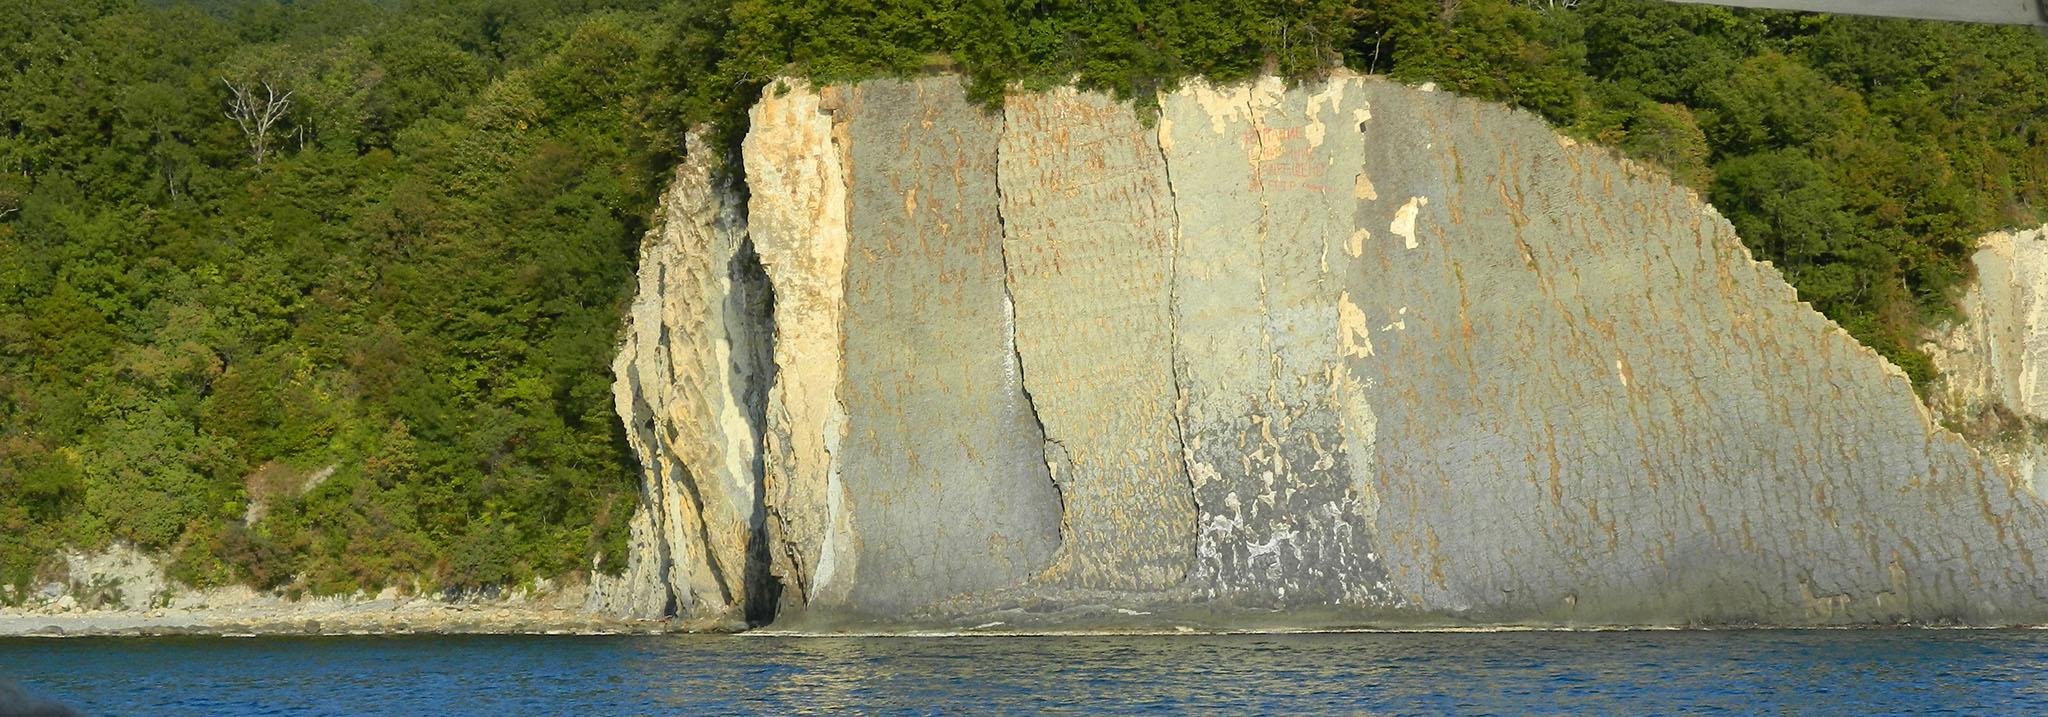 Вид на скалу Киселева с моря